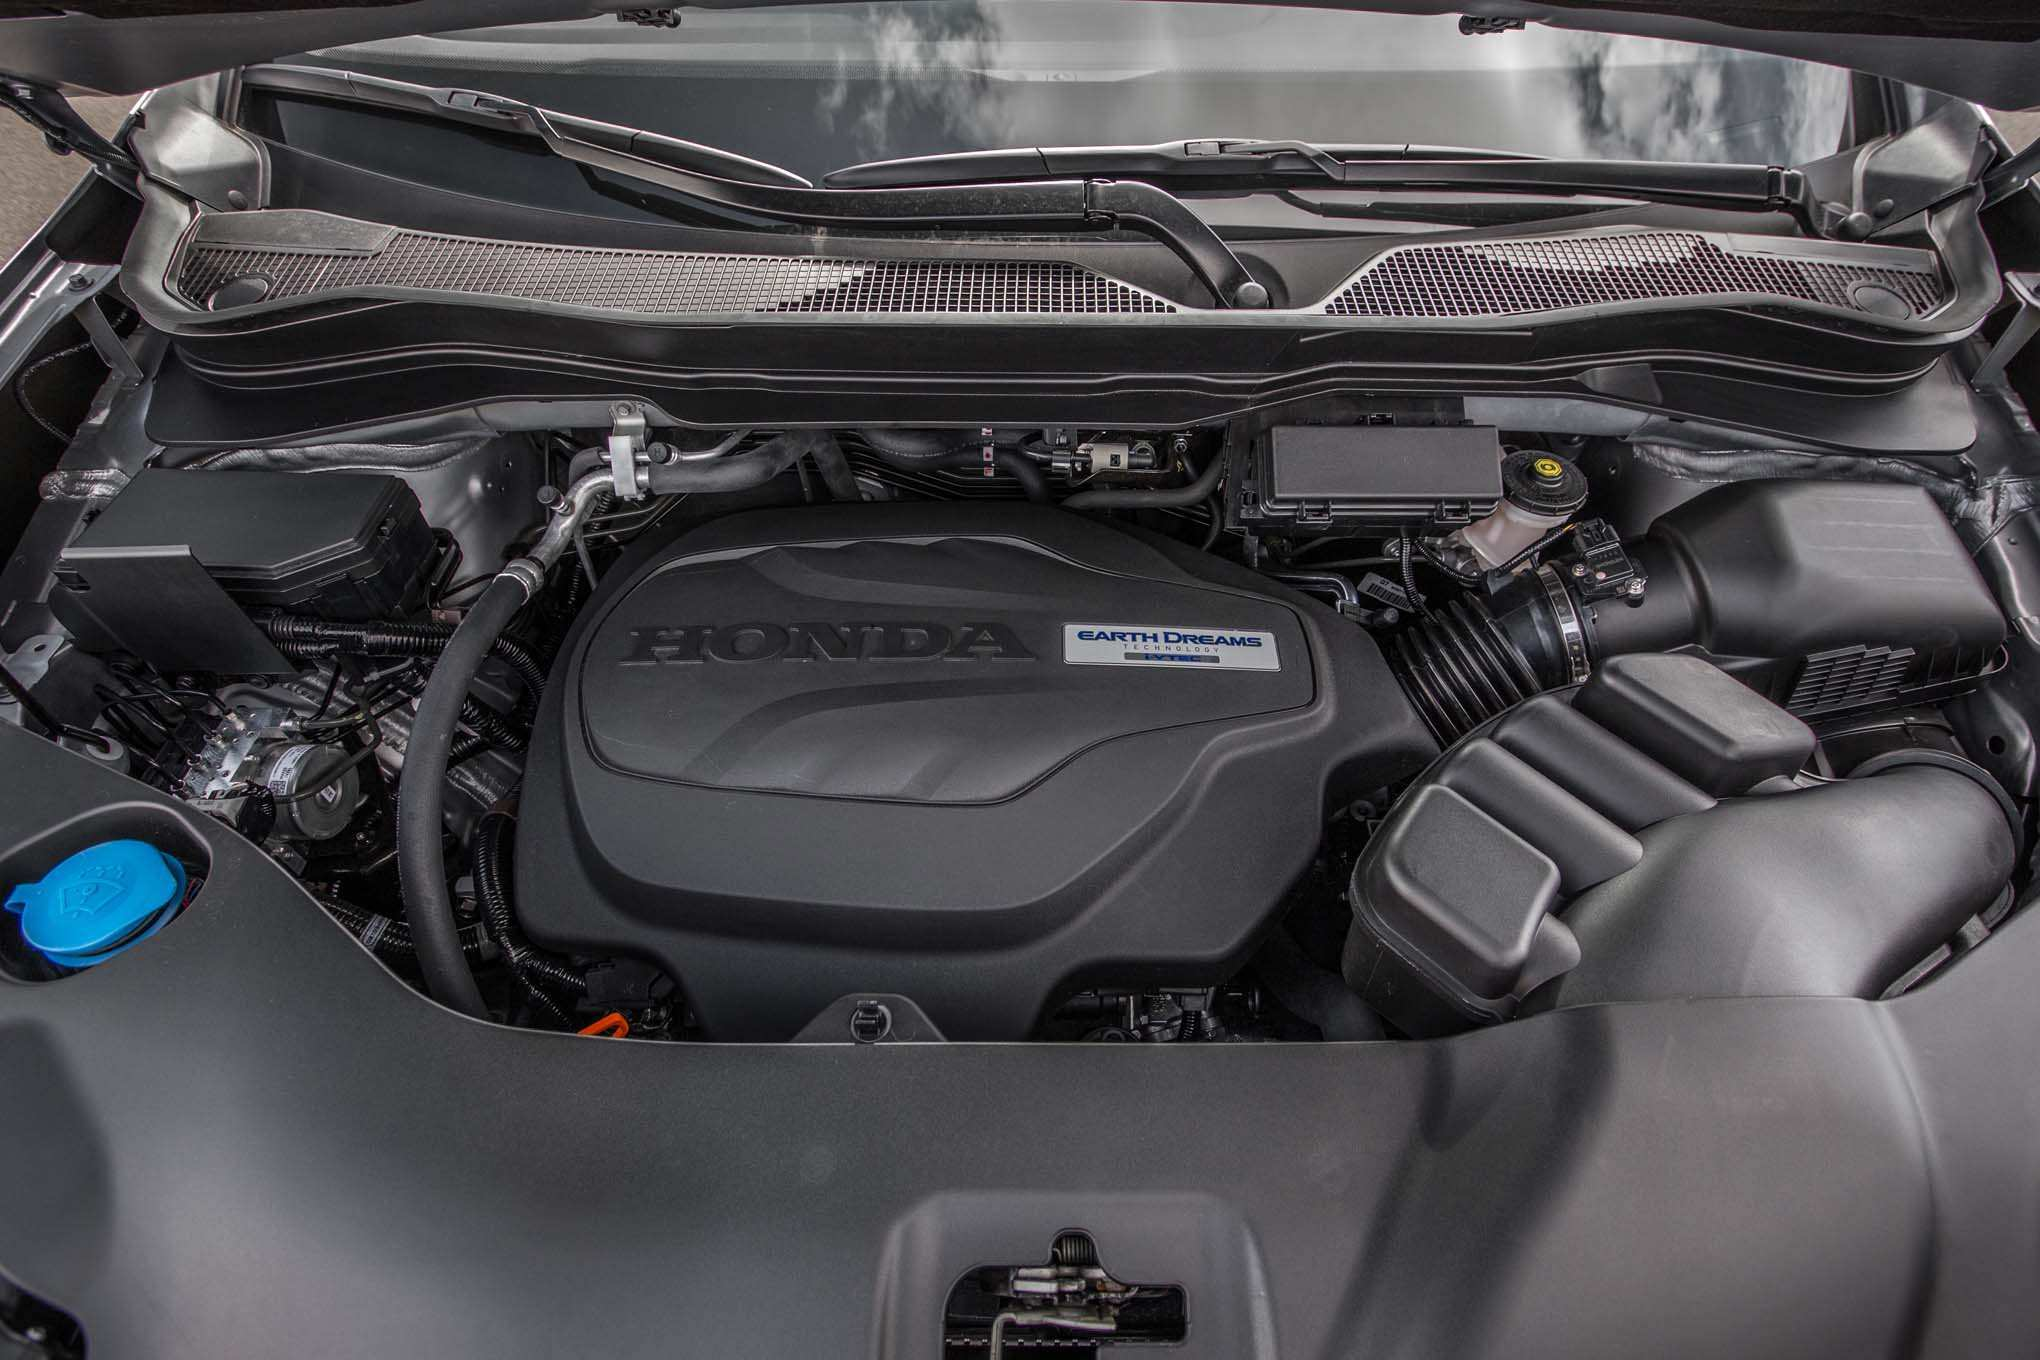 62 Concept of 2019 Honda Ridgeline Rumors Release for 2019 Honda Ridgeline Rumors